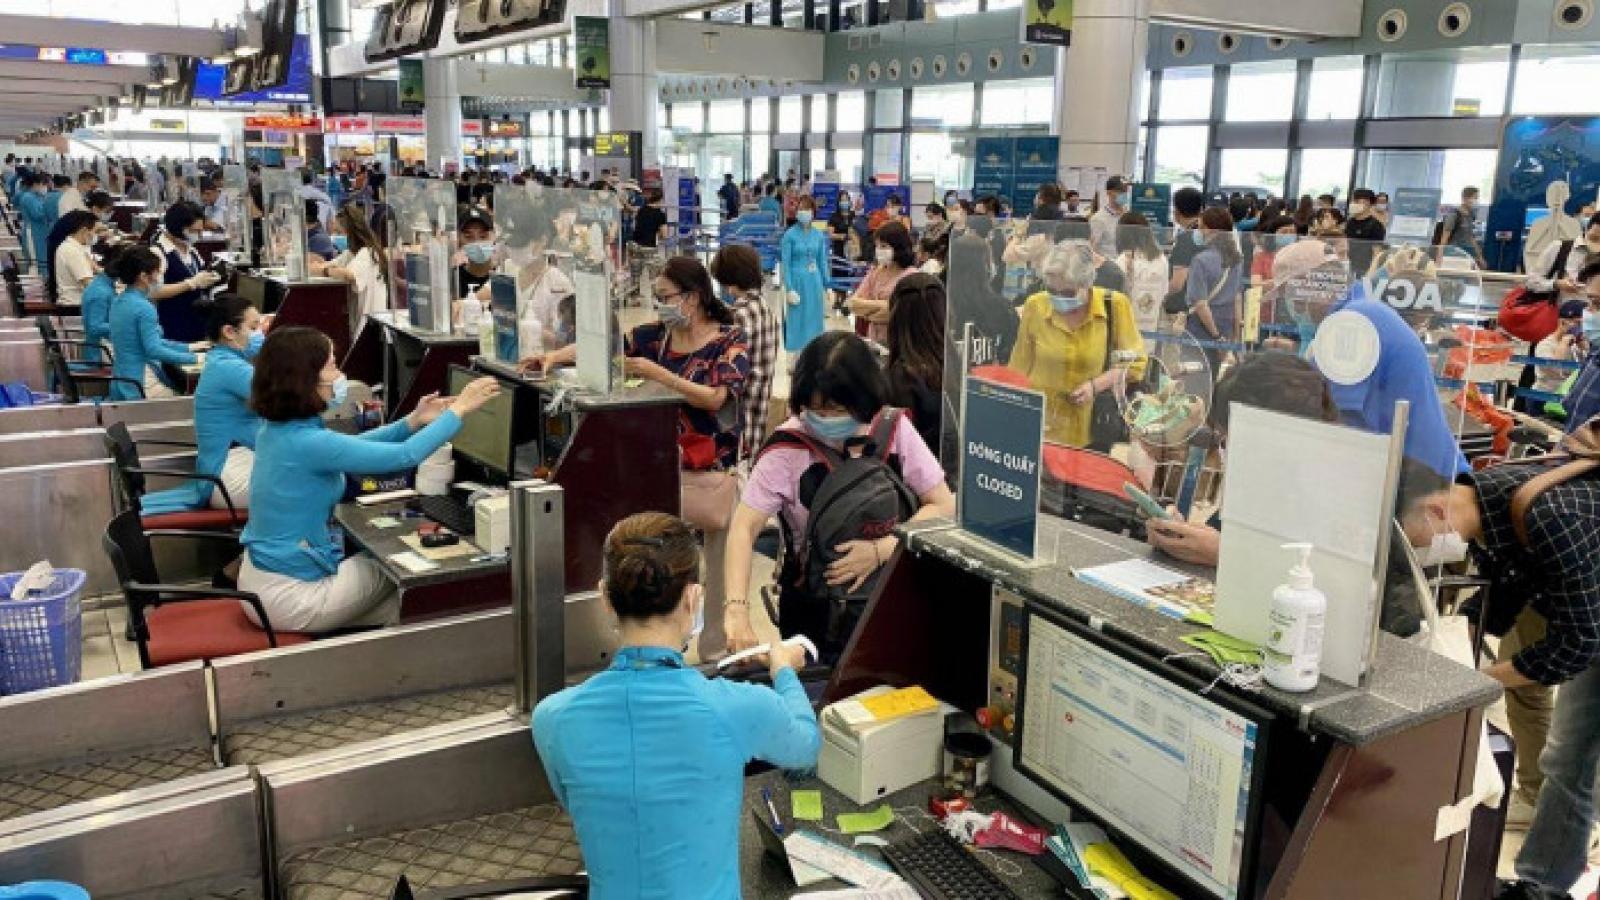 Kiến nghị nới lỏng điều kiện để khách chưa tiêm vaccineđược đi máy bay